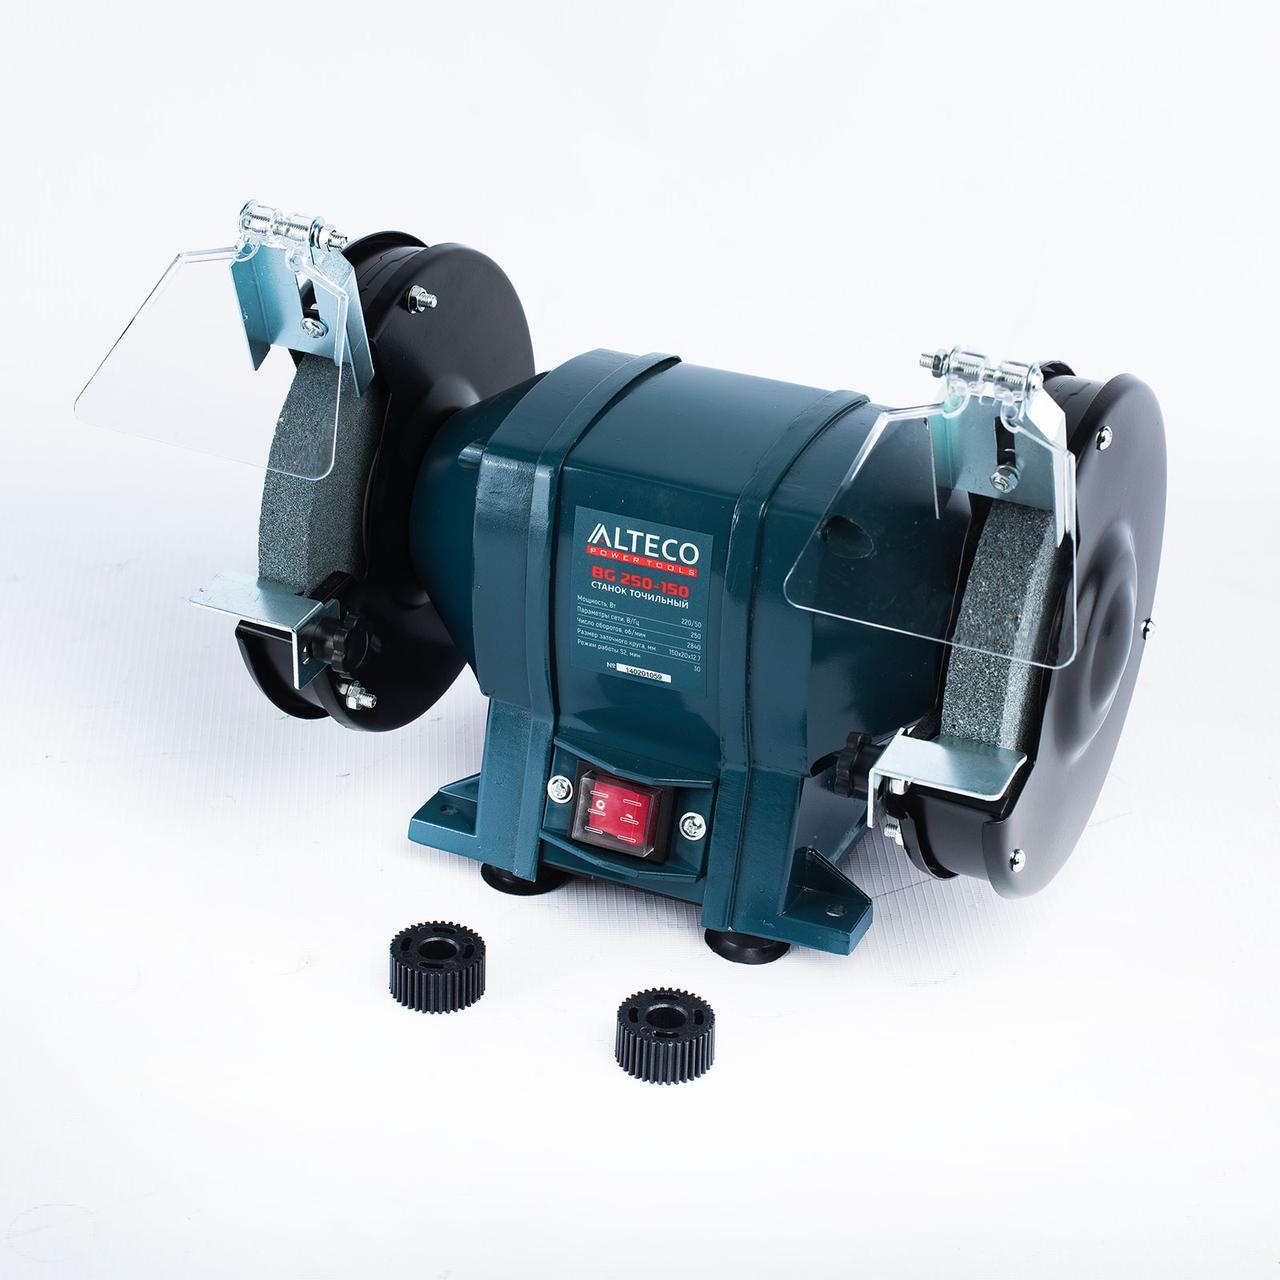 Станок точильный ALTECO BG 250-150 250Вт 150x20x12.7 2840об/мин